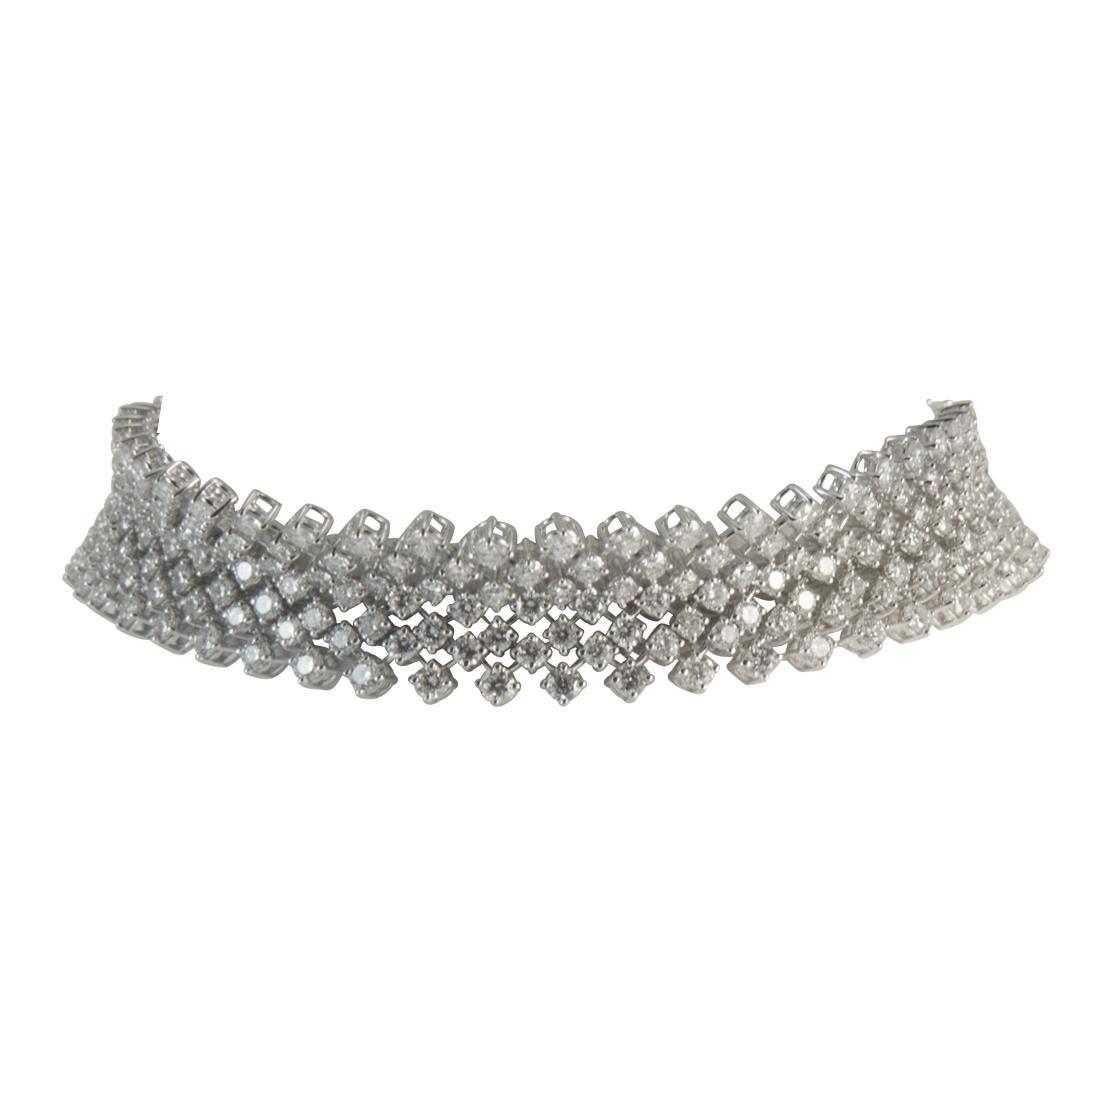 Bracciale  in oro bianco con diamanti ct  9.30 - ALFIERI ST JOHN